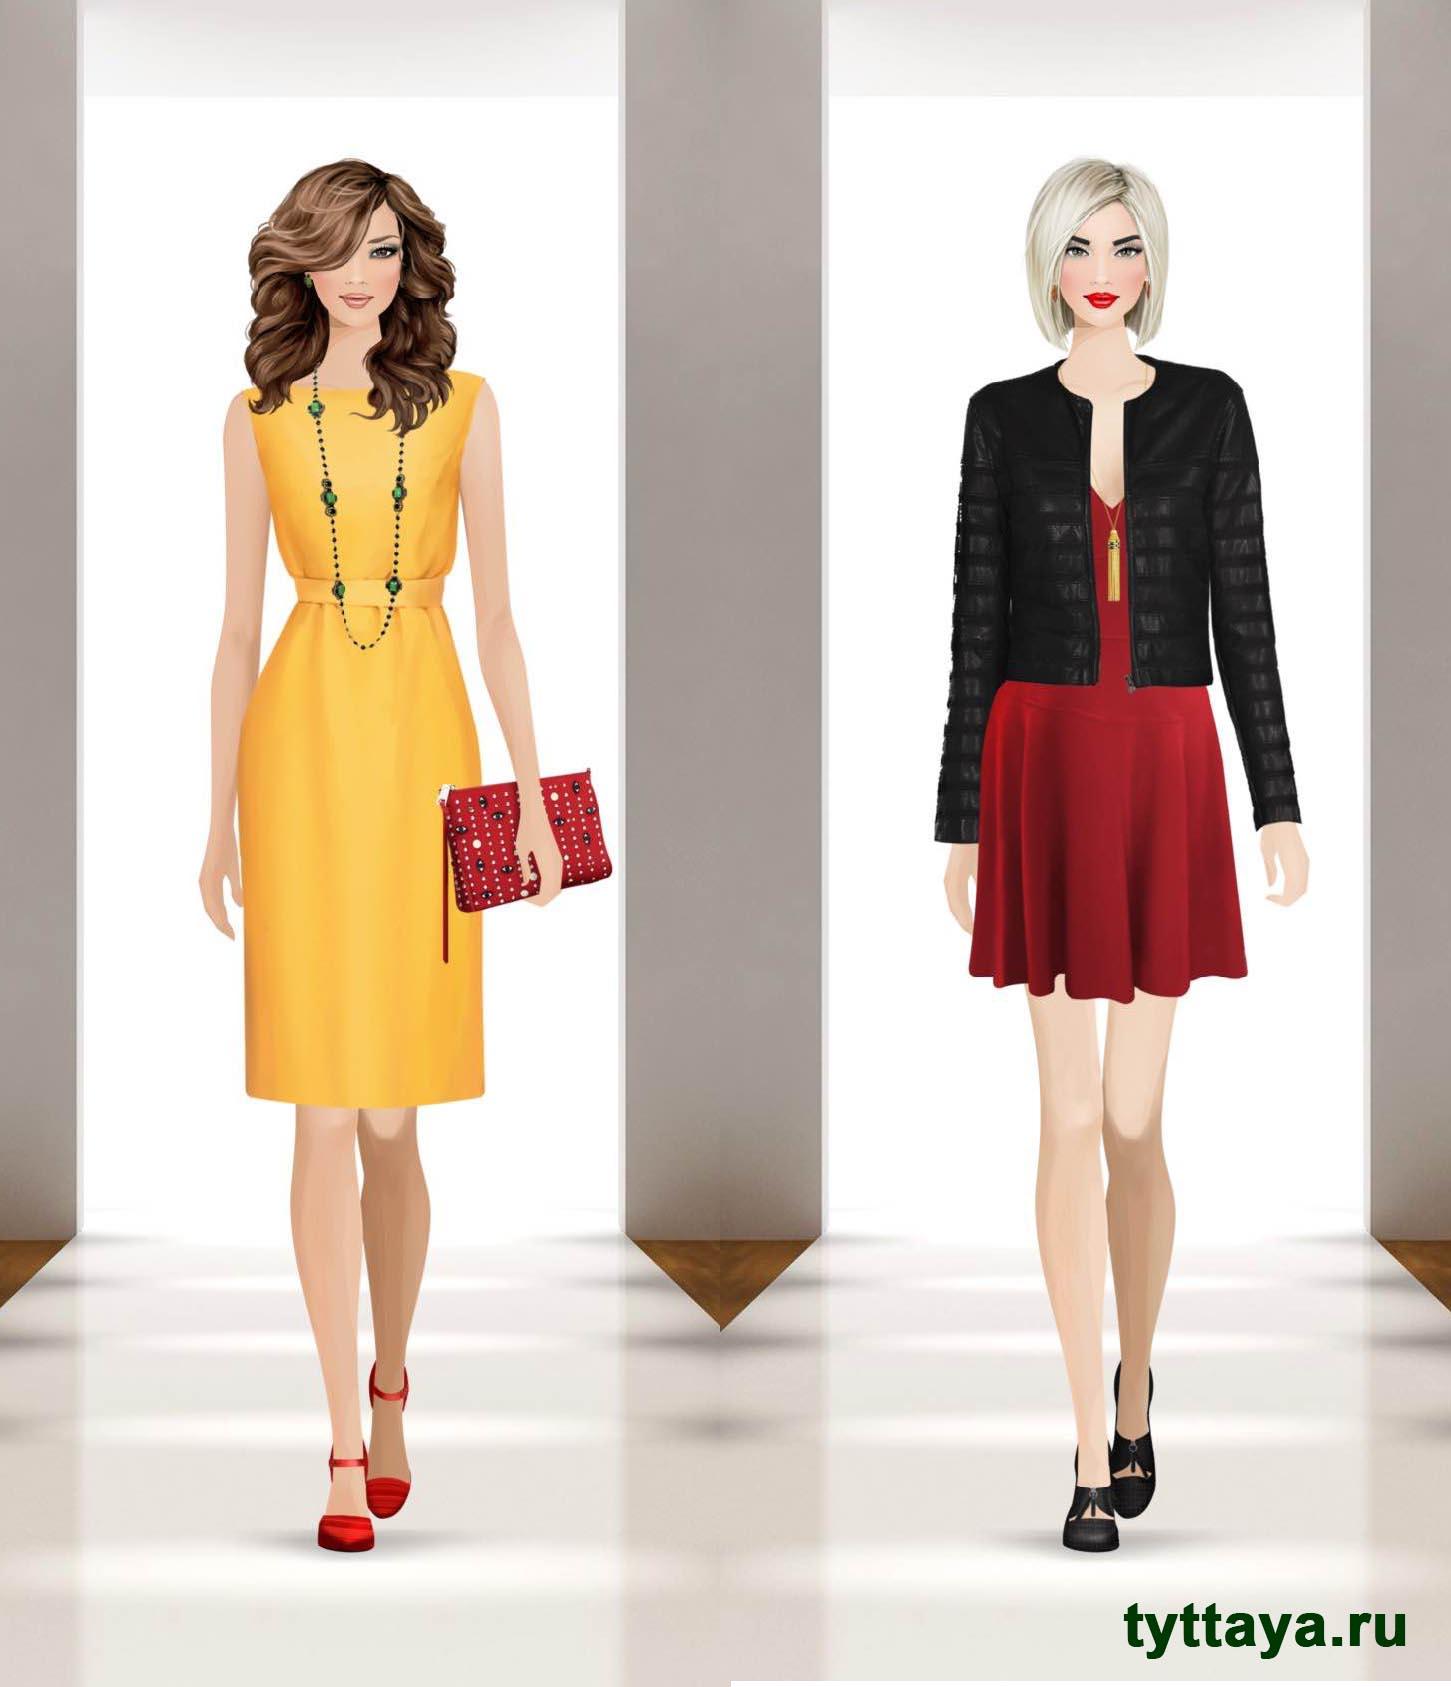 Как подобрать обувь к платью  Примеры стильных образов 85fddf75a37bb